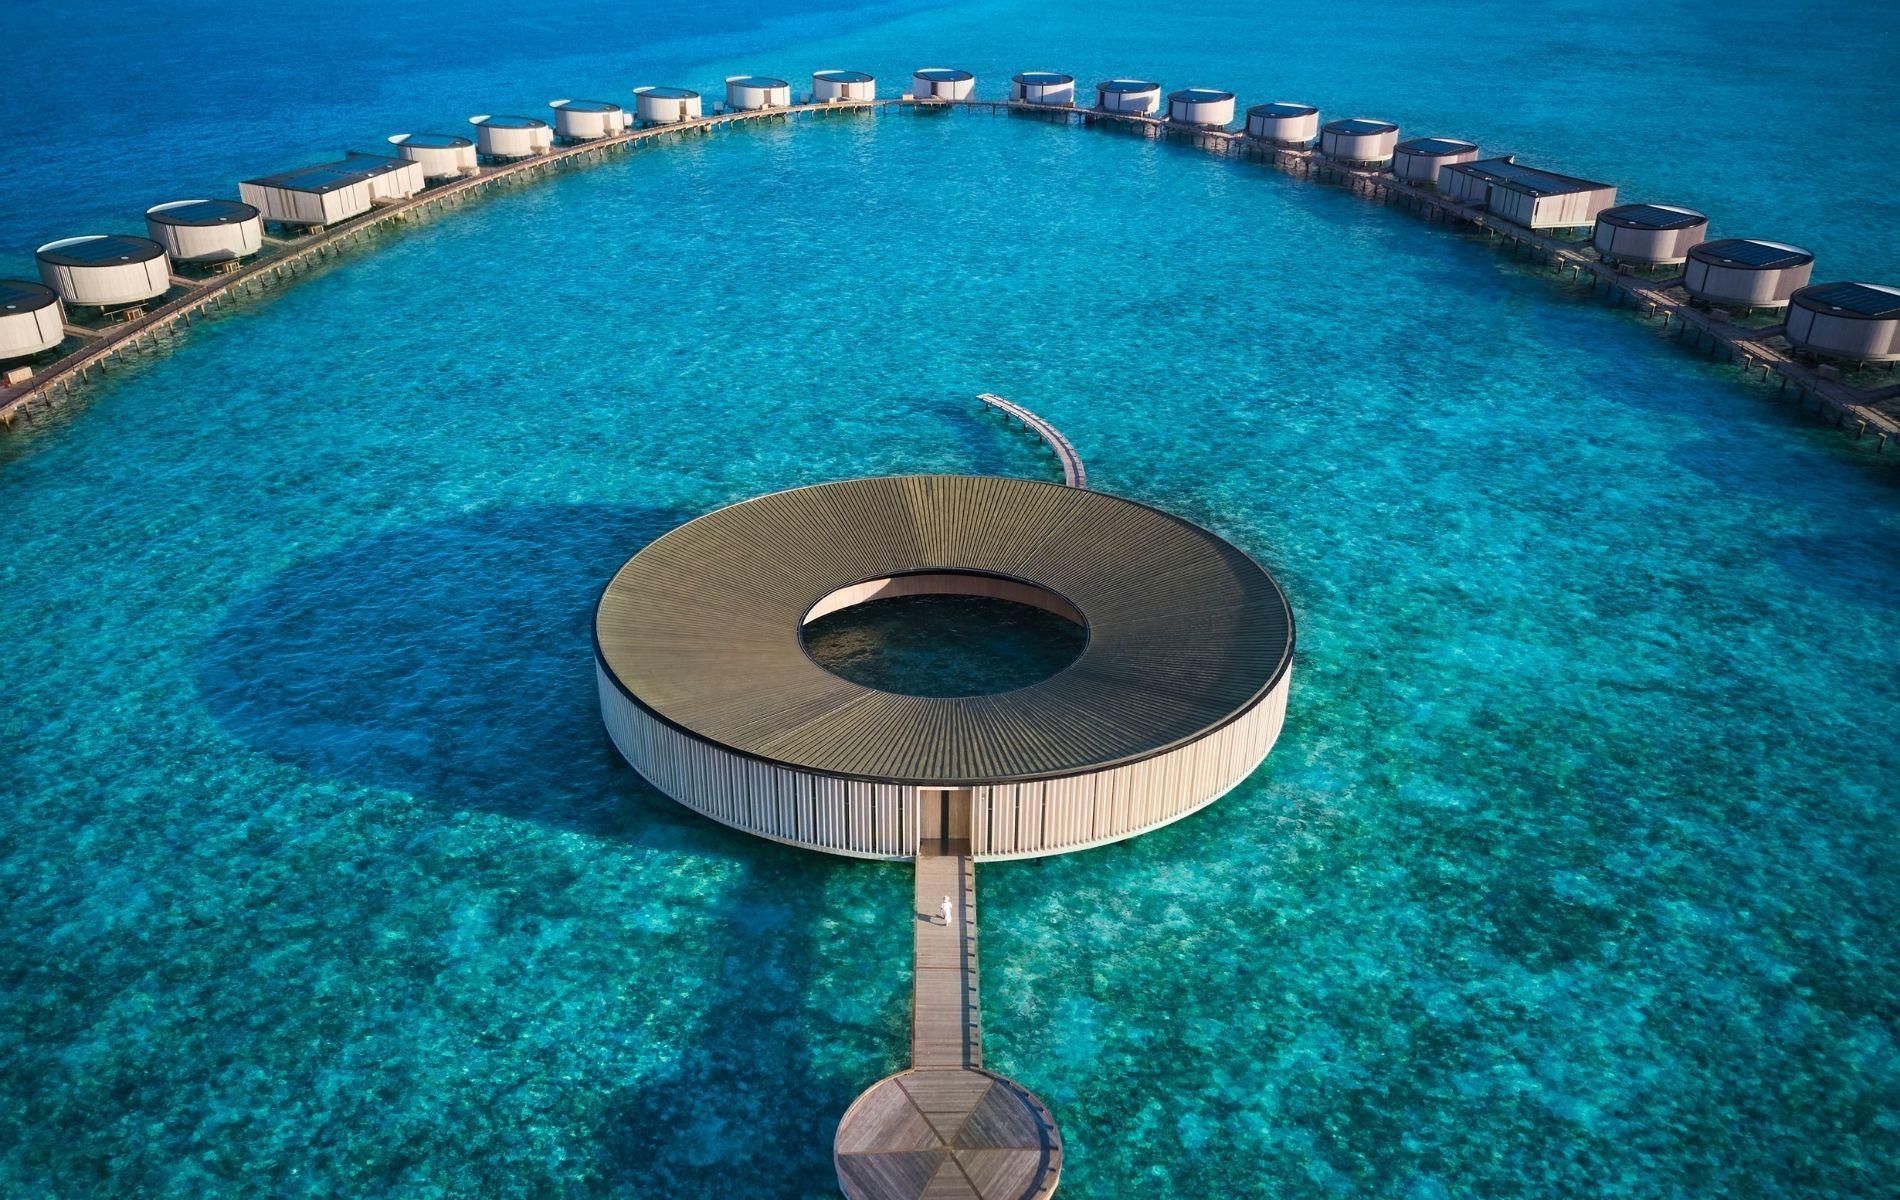 Over-the-water villas at The Ritz-Carlton Maldives Fari Islands